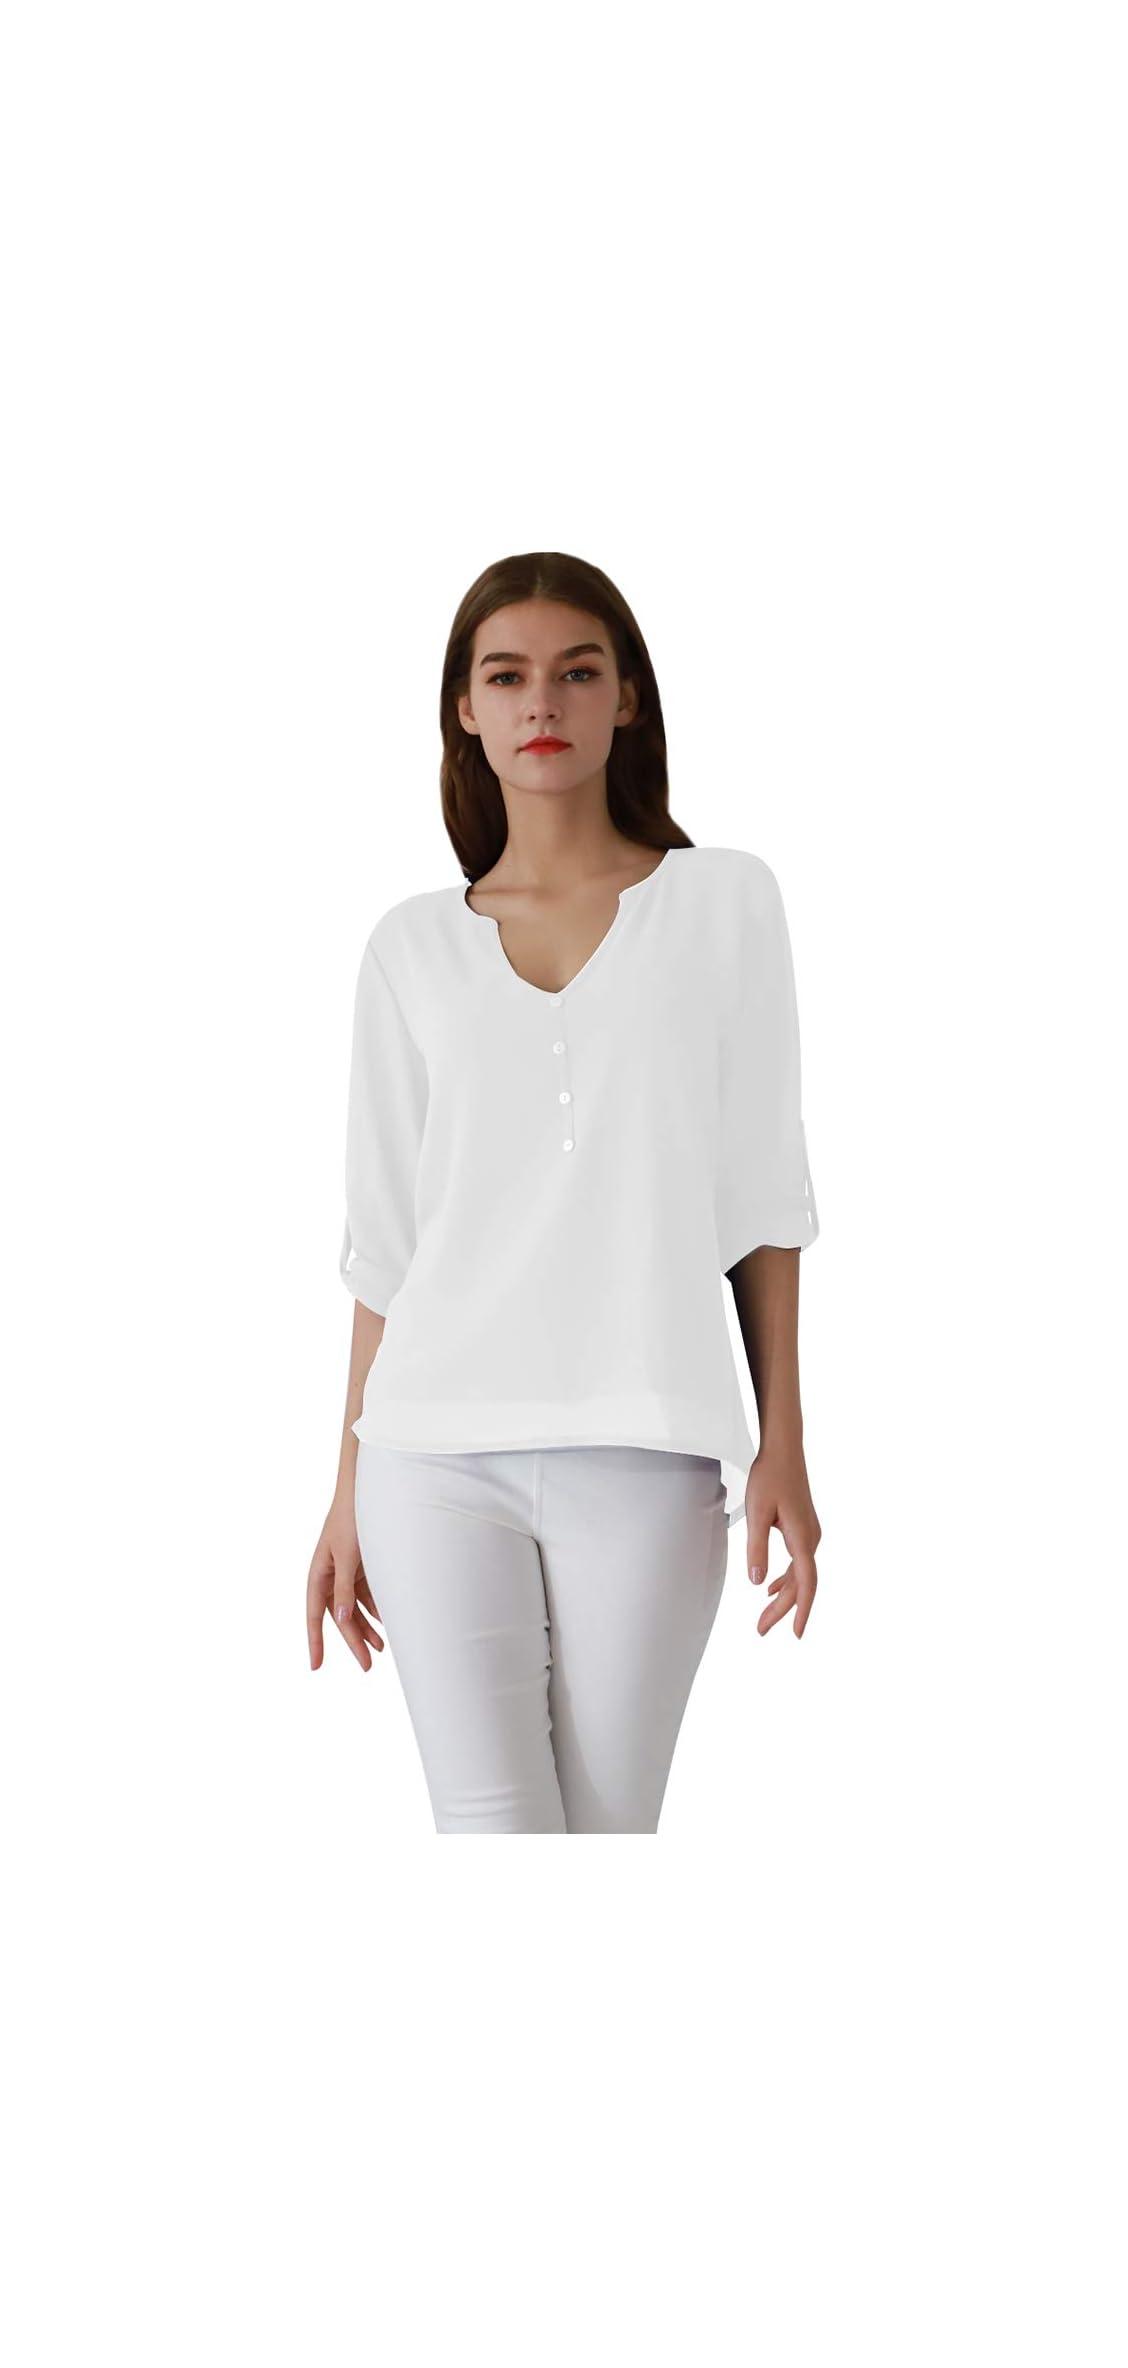 Women's Casual Chiffon Button V Neck Blouses Shirts Long